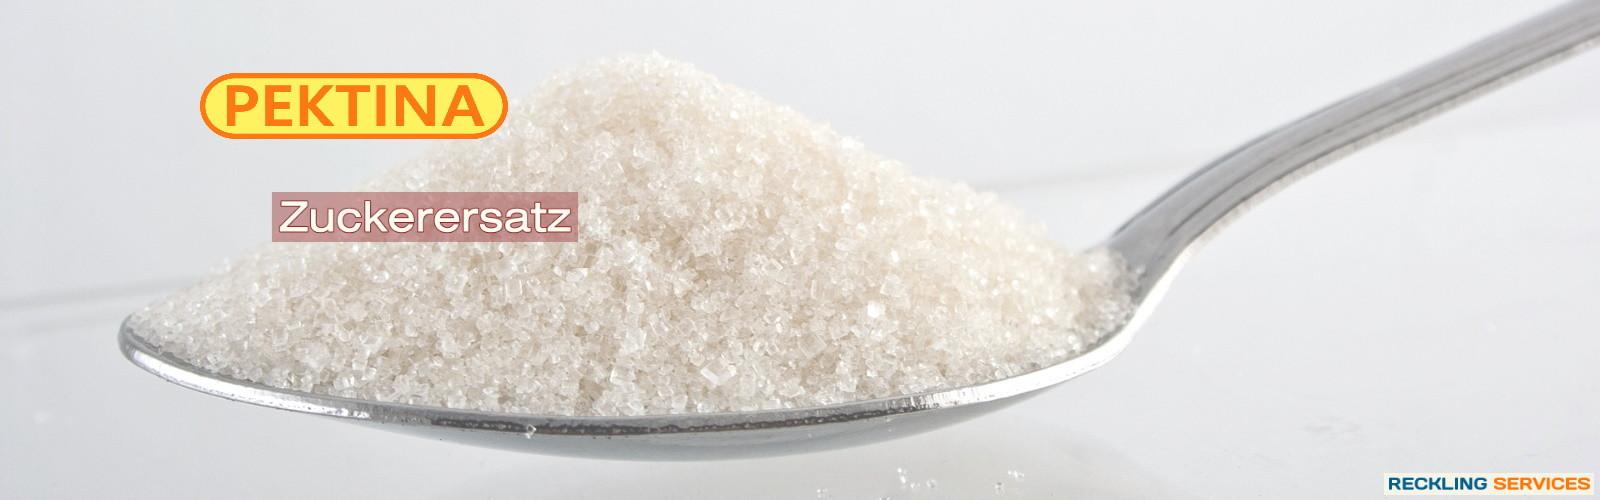 PEKTINA Ingredients